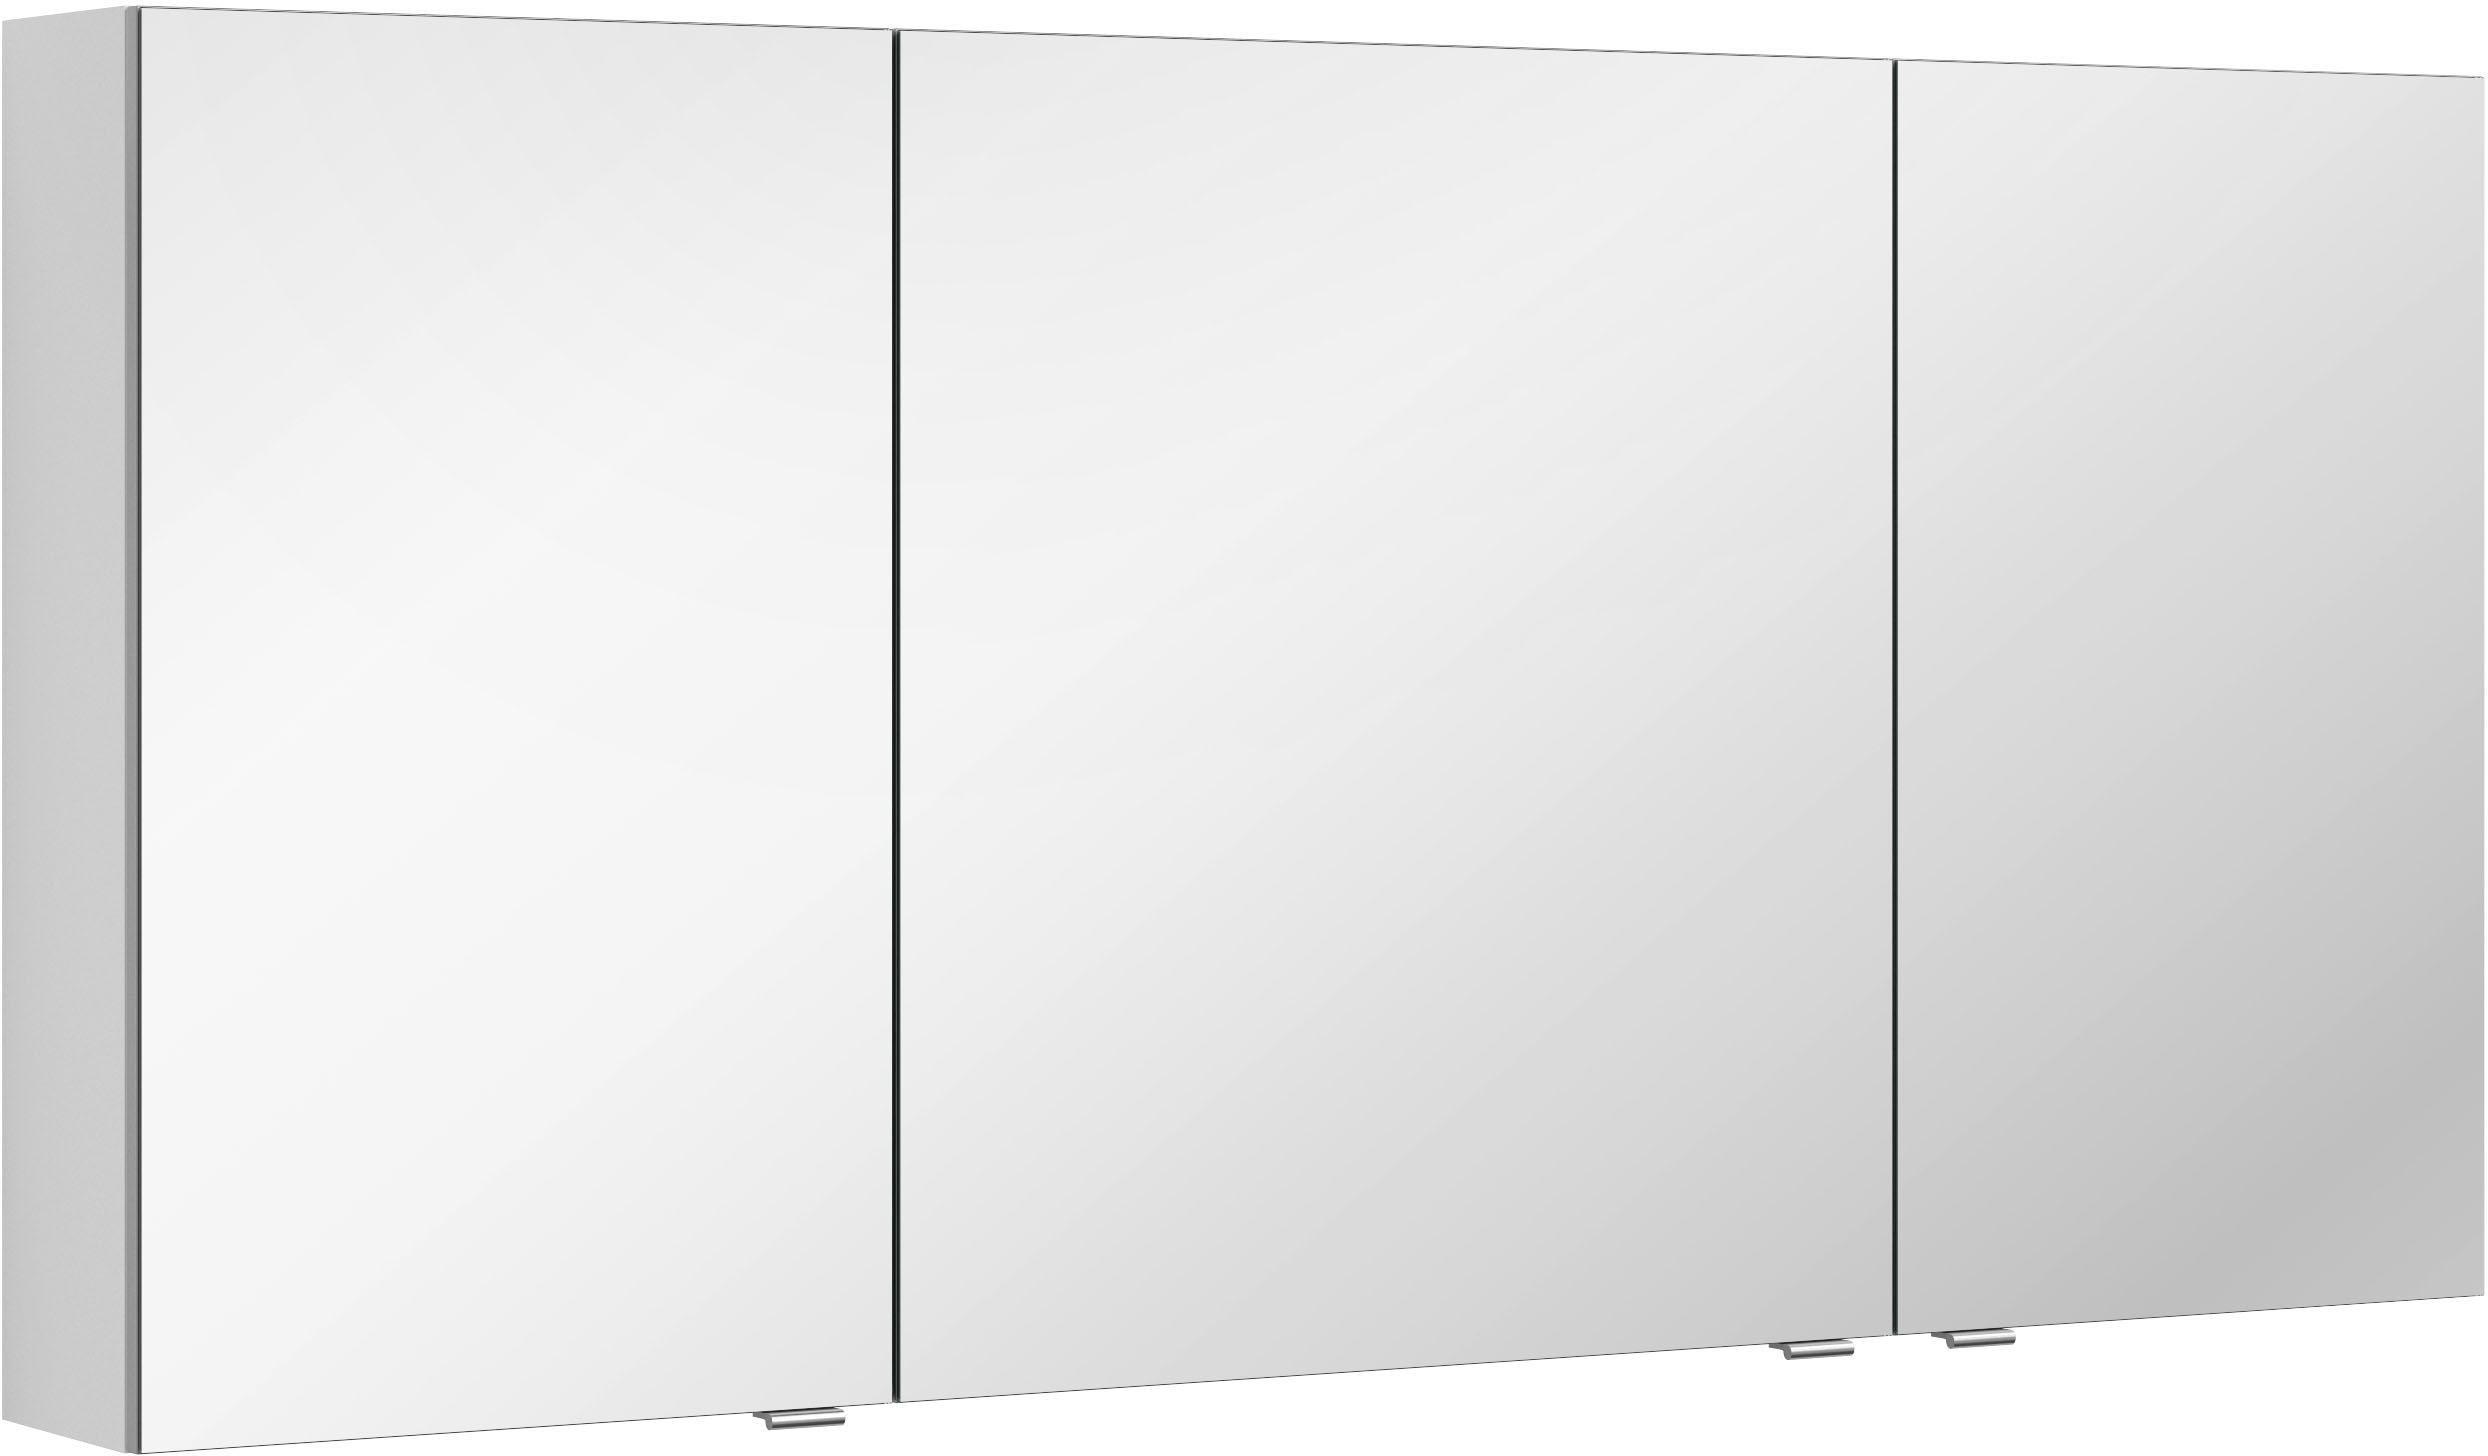 MARLIN Spiegelkast 3980 met dubbelzijdig spiegelende deuren, voorgemonteerd voordelig en veilig online kopen